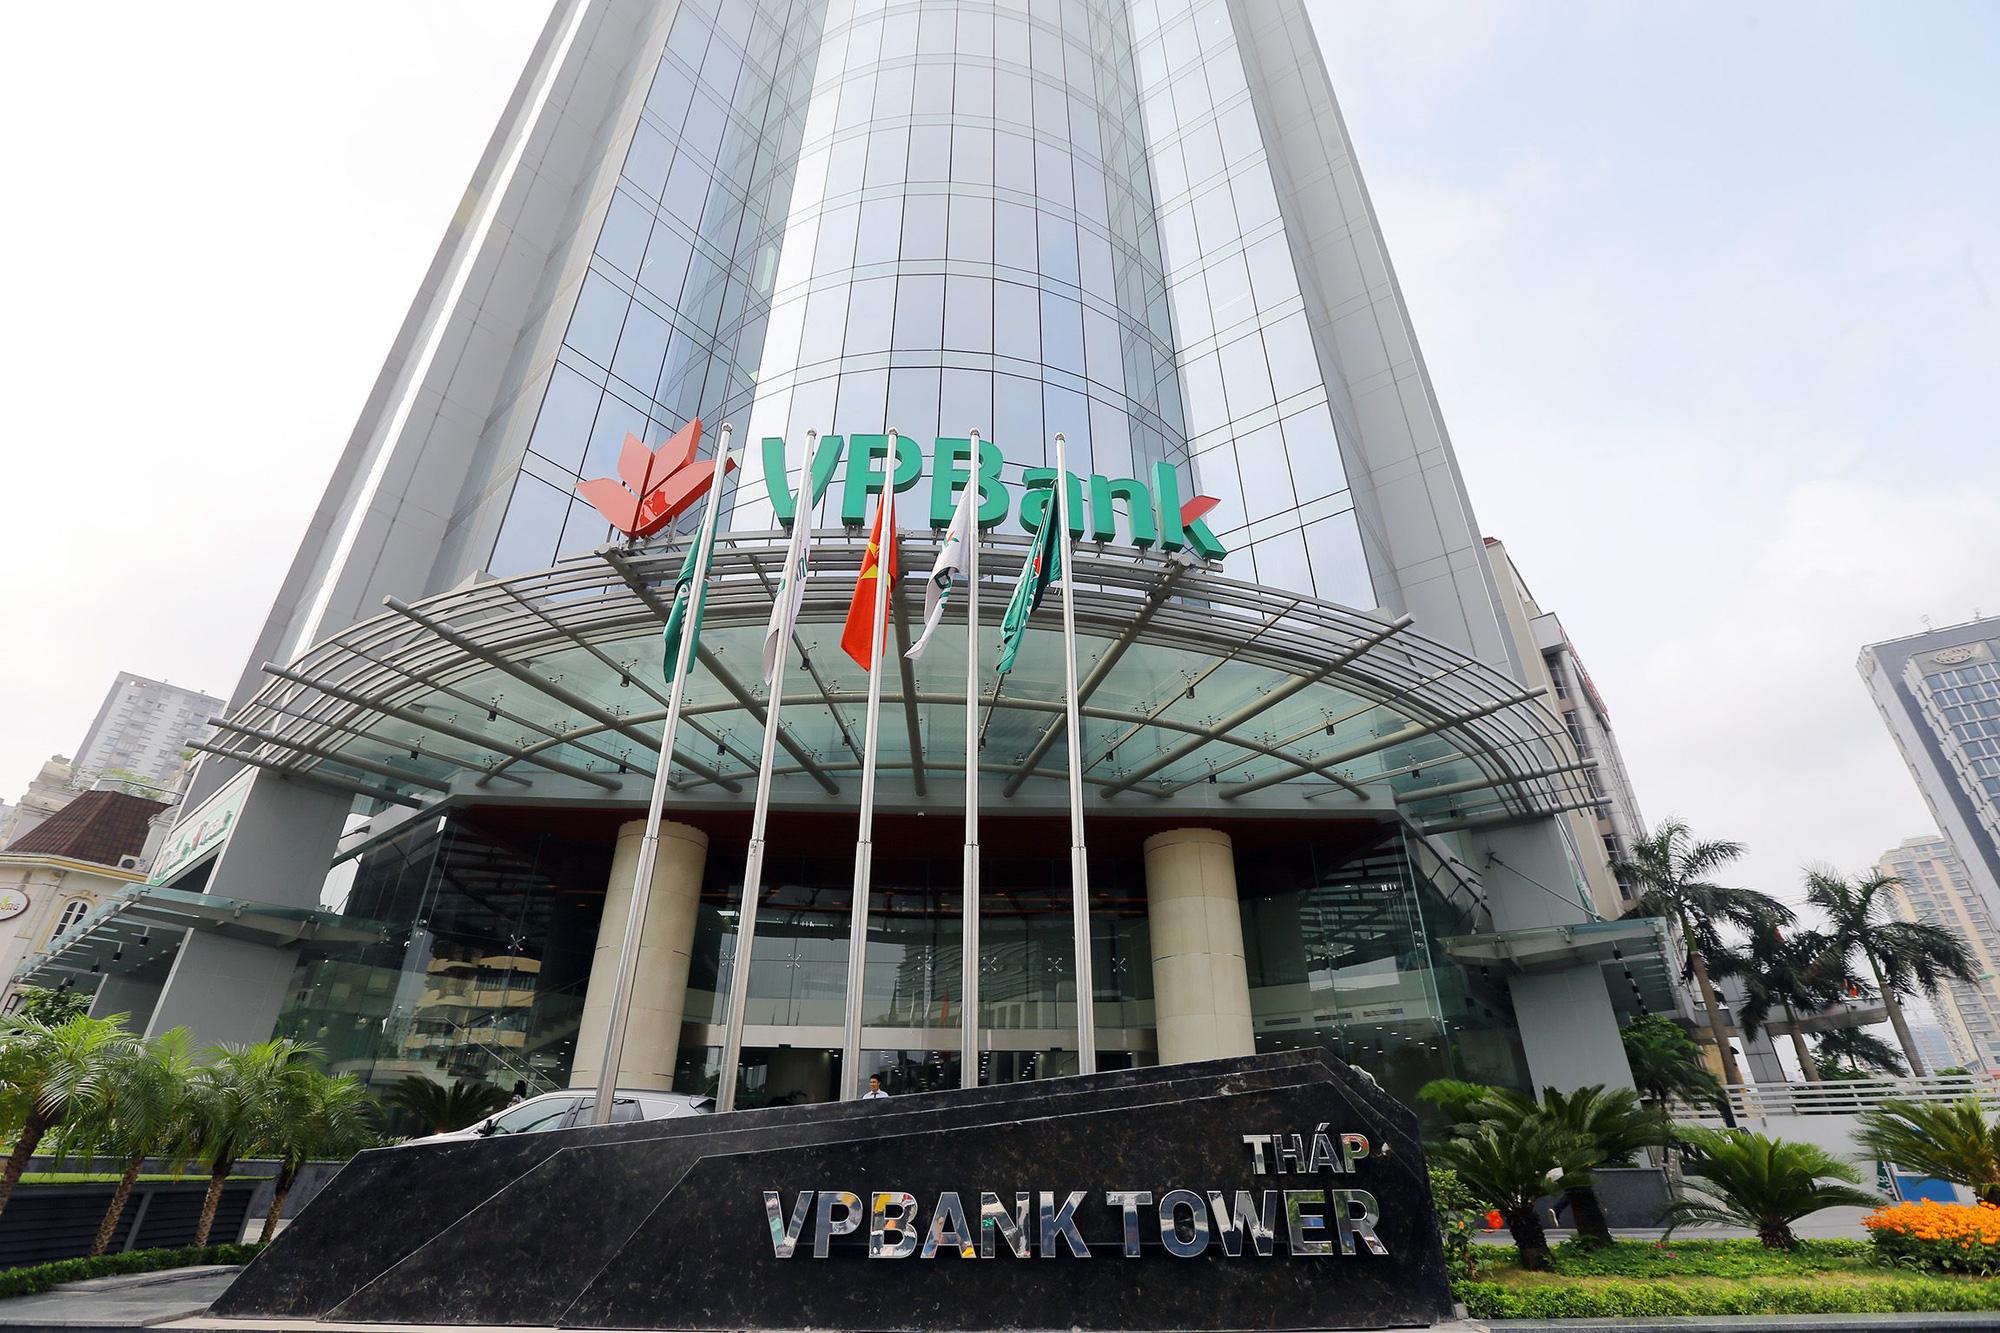 Doanh thu 6 tháng VPBank tăng 22,5%, lãi đầu tư chứng khoán tăng 60% - Ảnh 1.